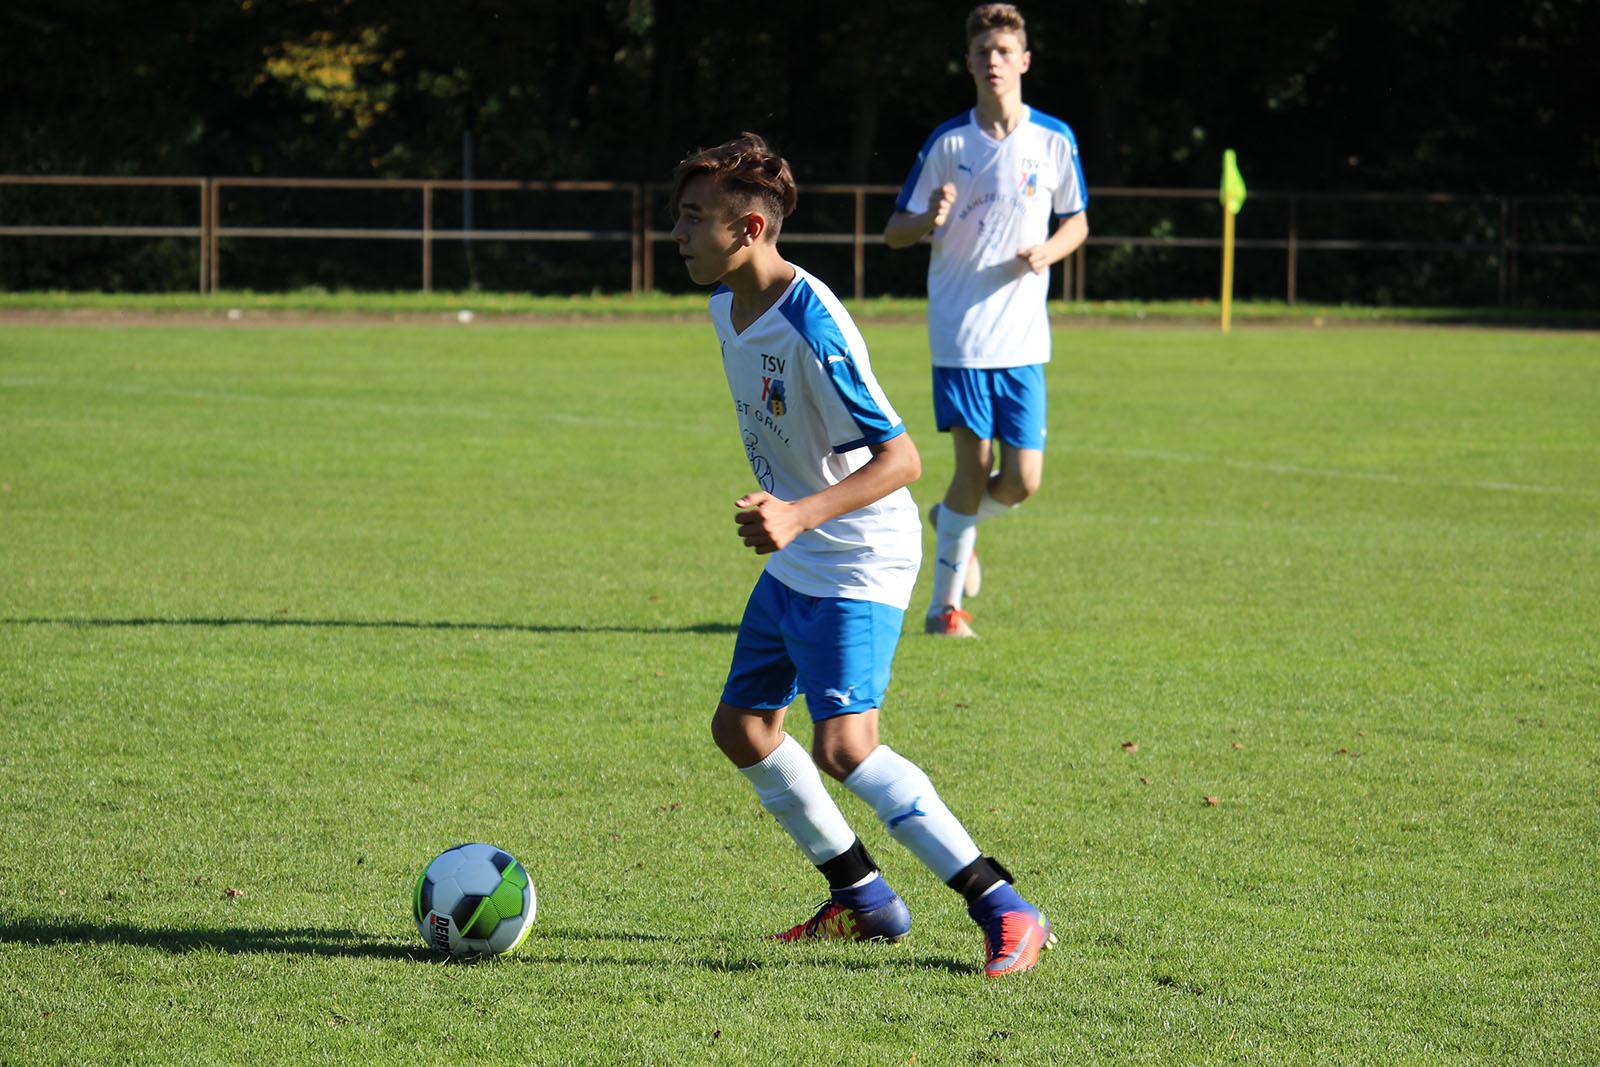 Jugendfussball im Süden von Neuss beim TSV Norf